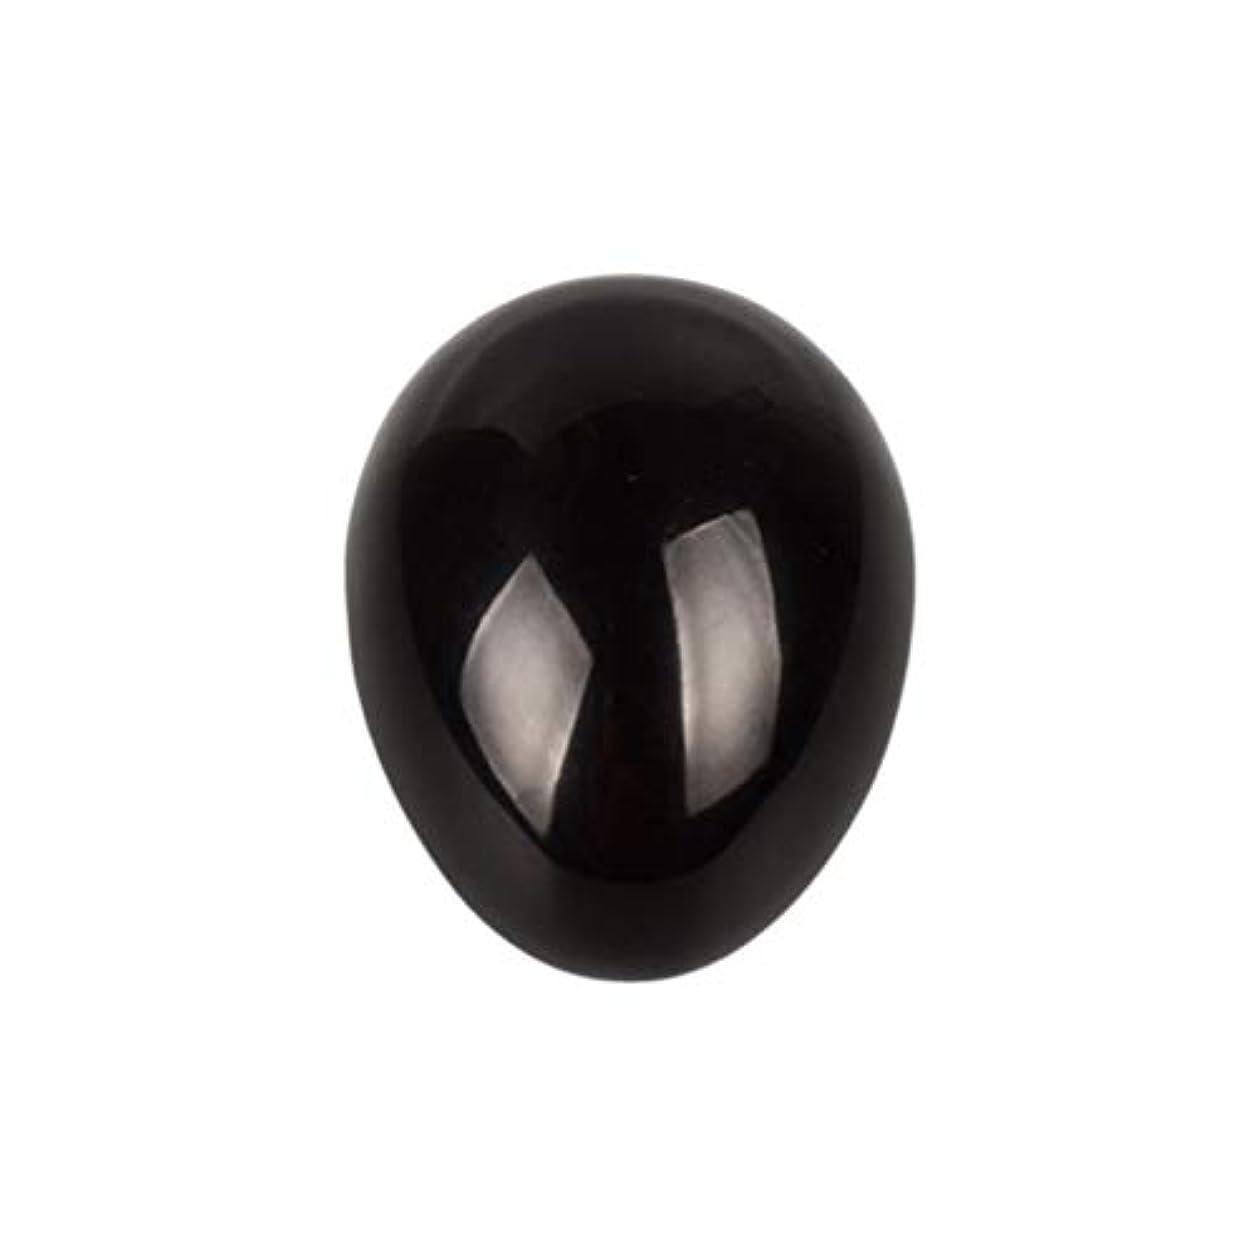 剃るキャンベラ多様体SUPVOX 45×30×30ミリメートルのバランスをとる瞑想チャクラを癒すための黒曜石宝石用原石の卵球